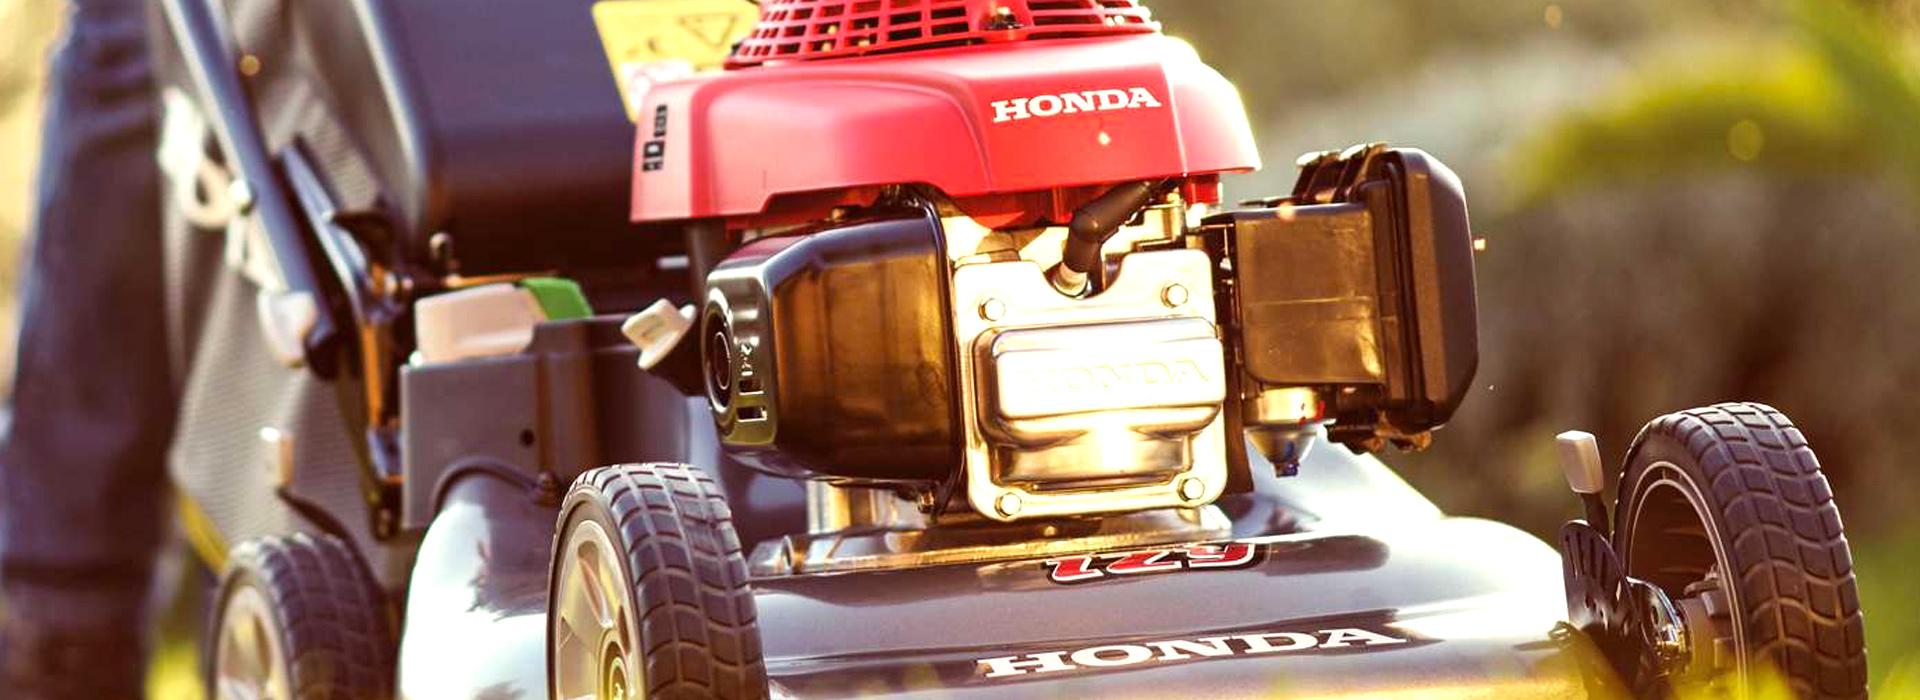 Cortacésped Honda